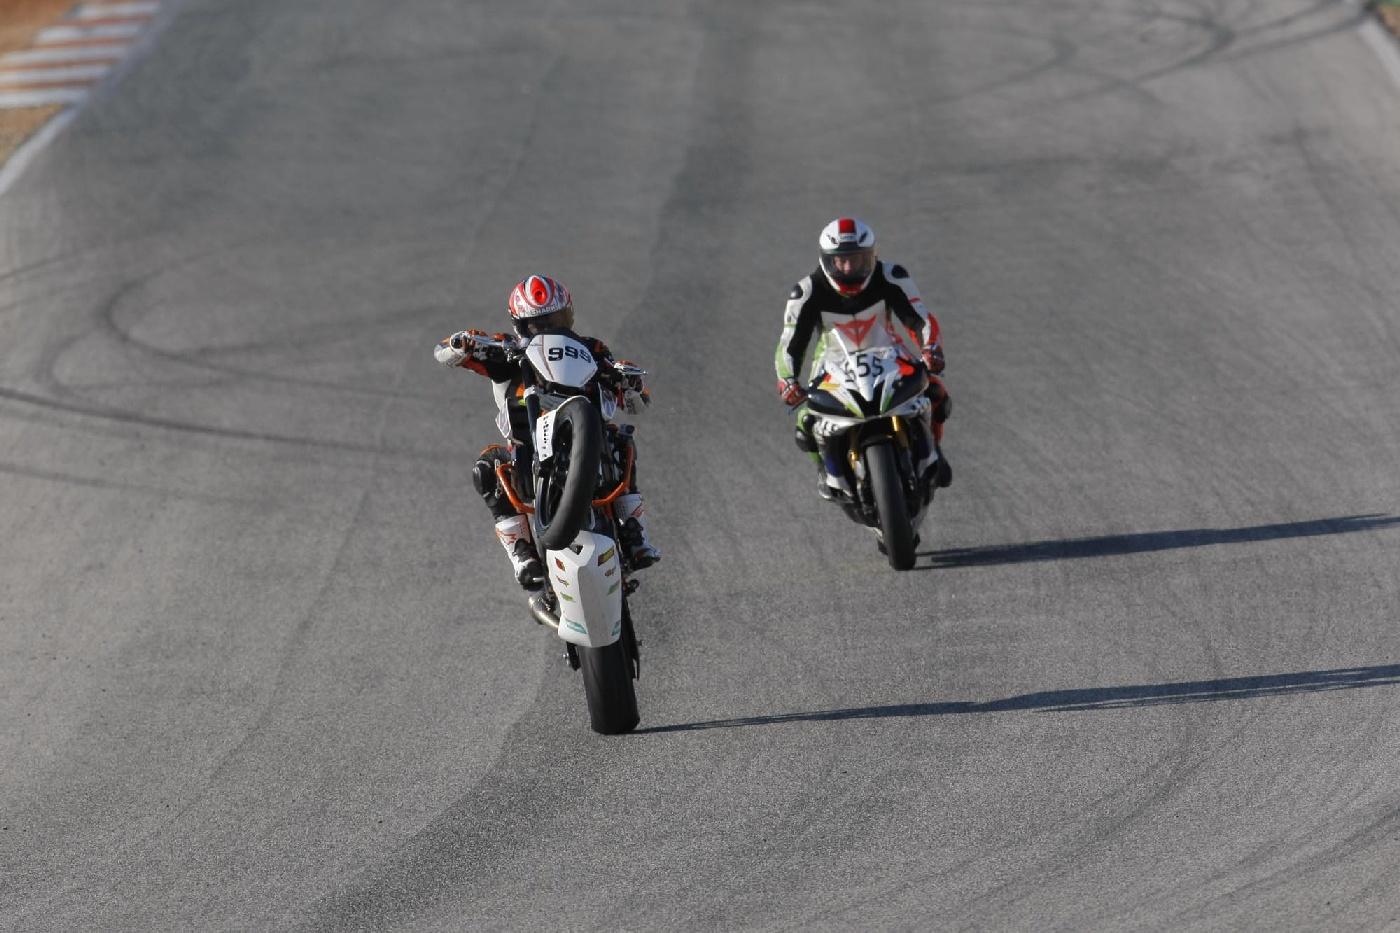 Wheelie KTM 690 Duke Track